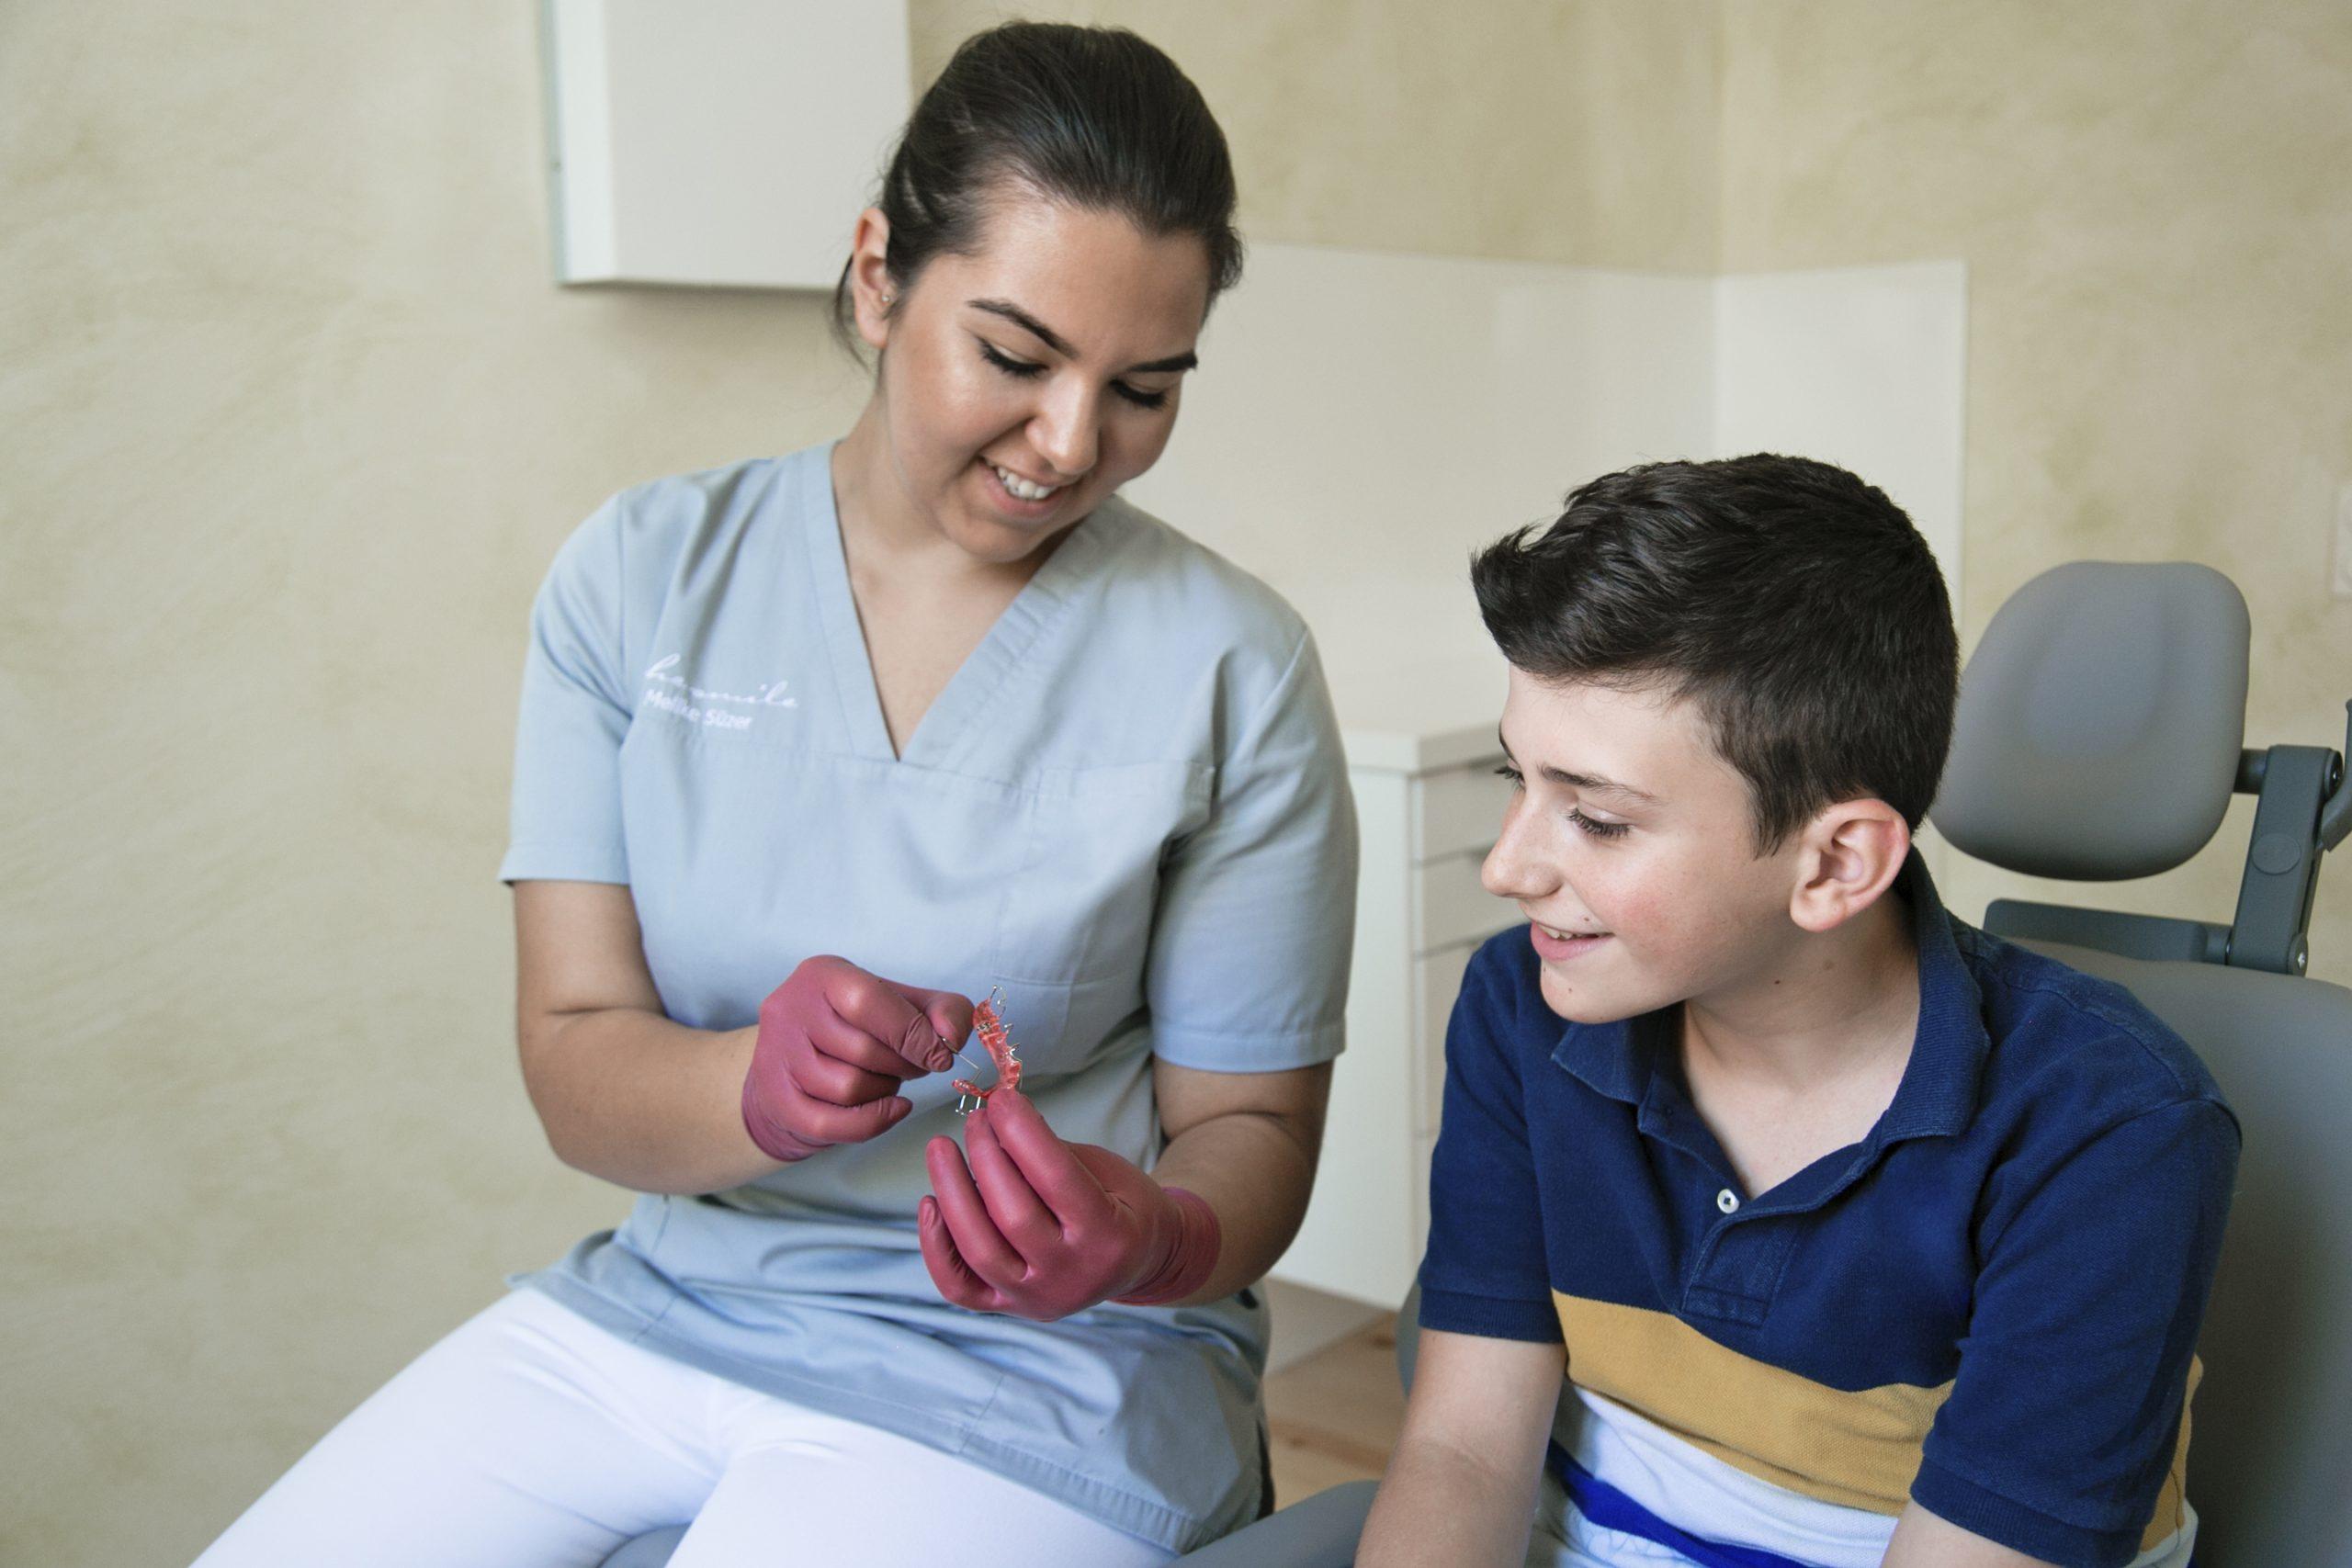 Zahnarzthelferin zeigt Patient Zahnspange